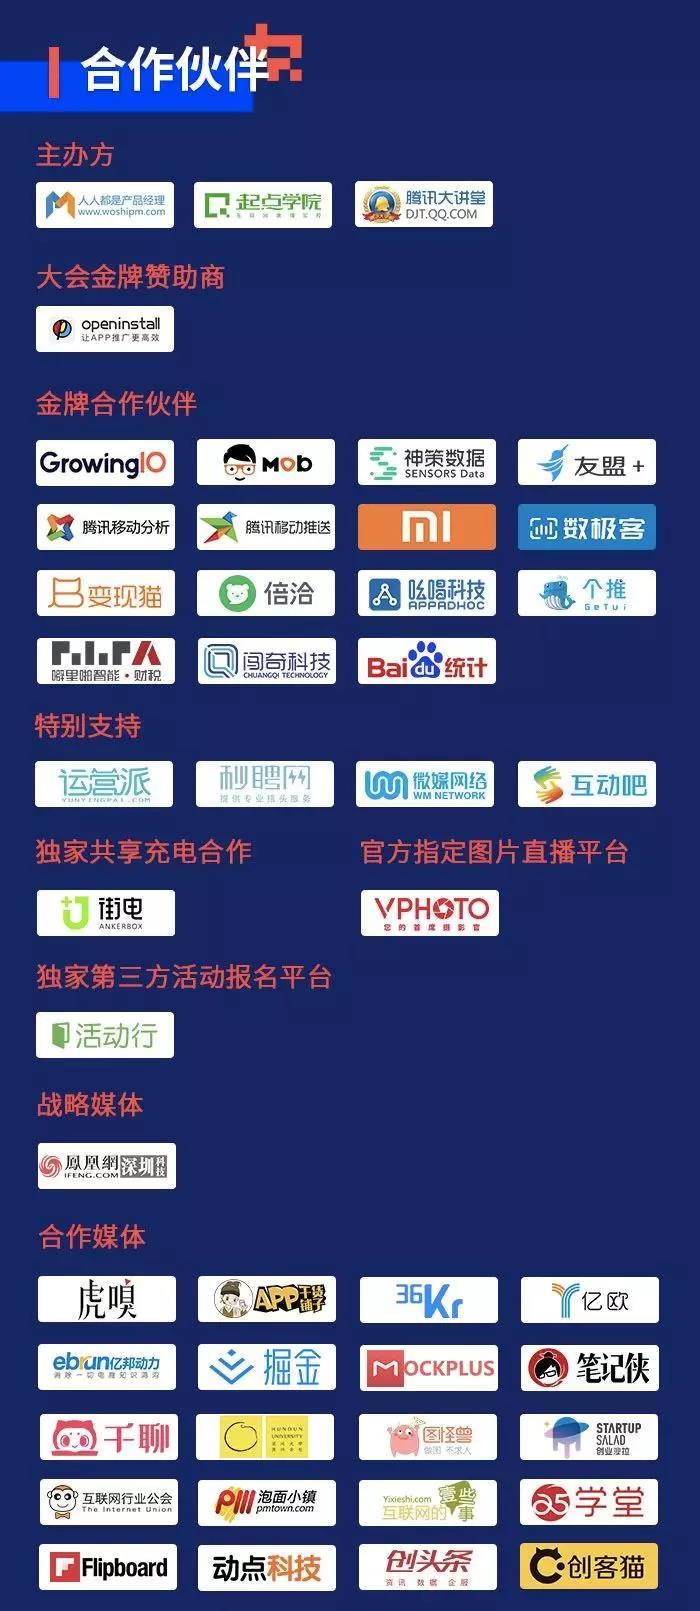 WeChat Image_20190328181609.jpg